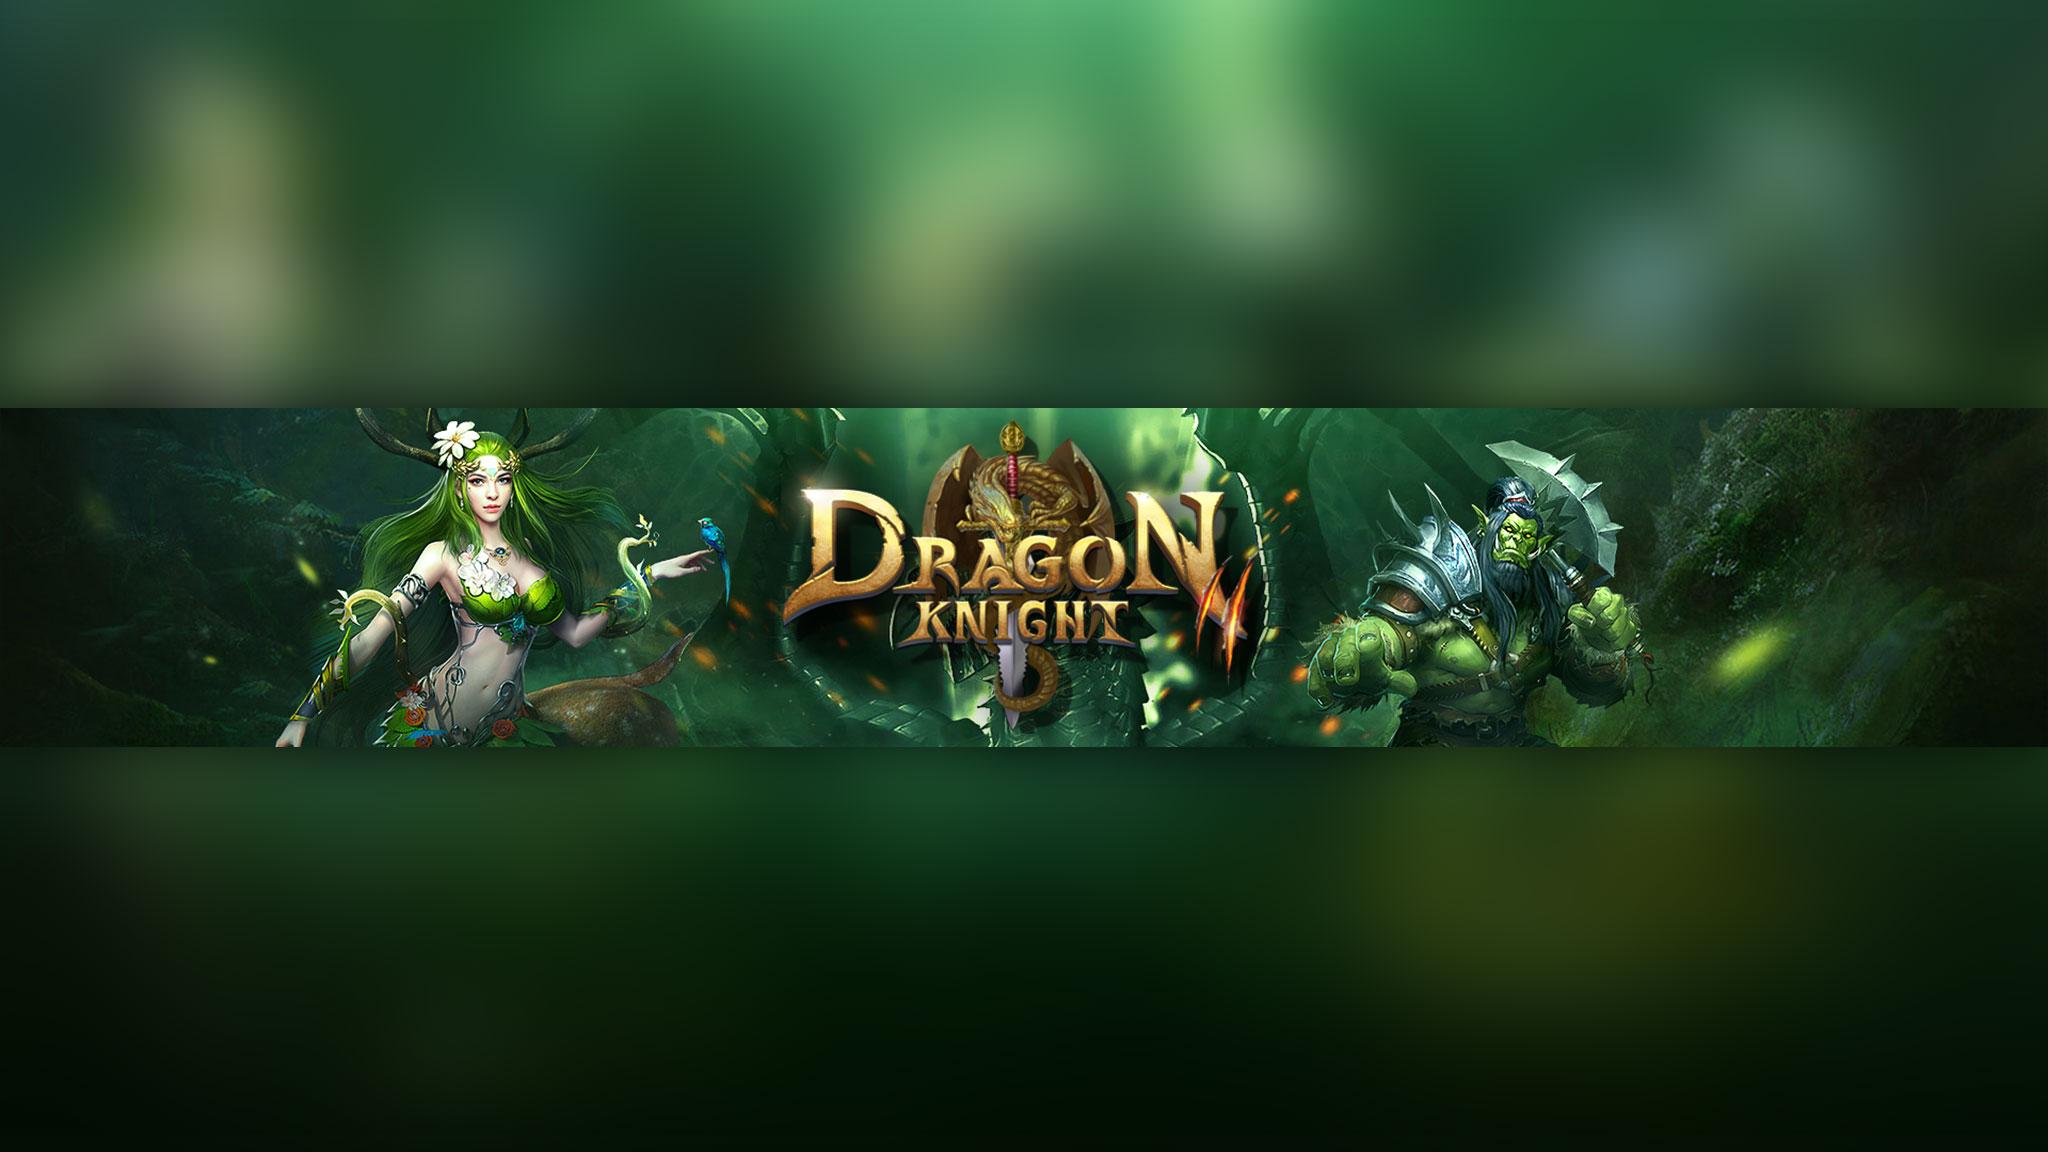 Картинка зелёного цвета с надписью Dragon Knight и персонажами игры на фоне природы.